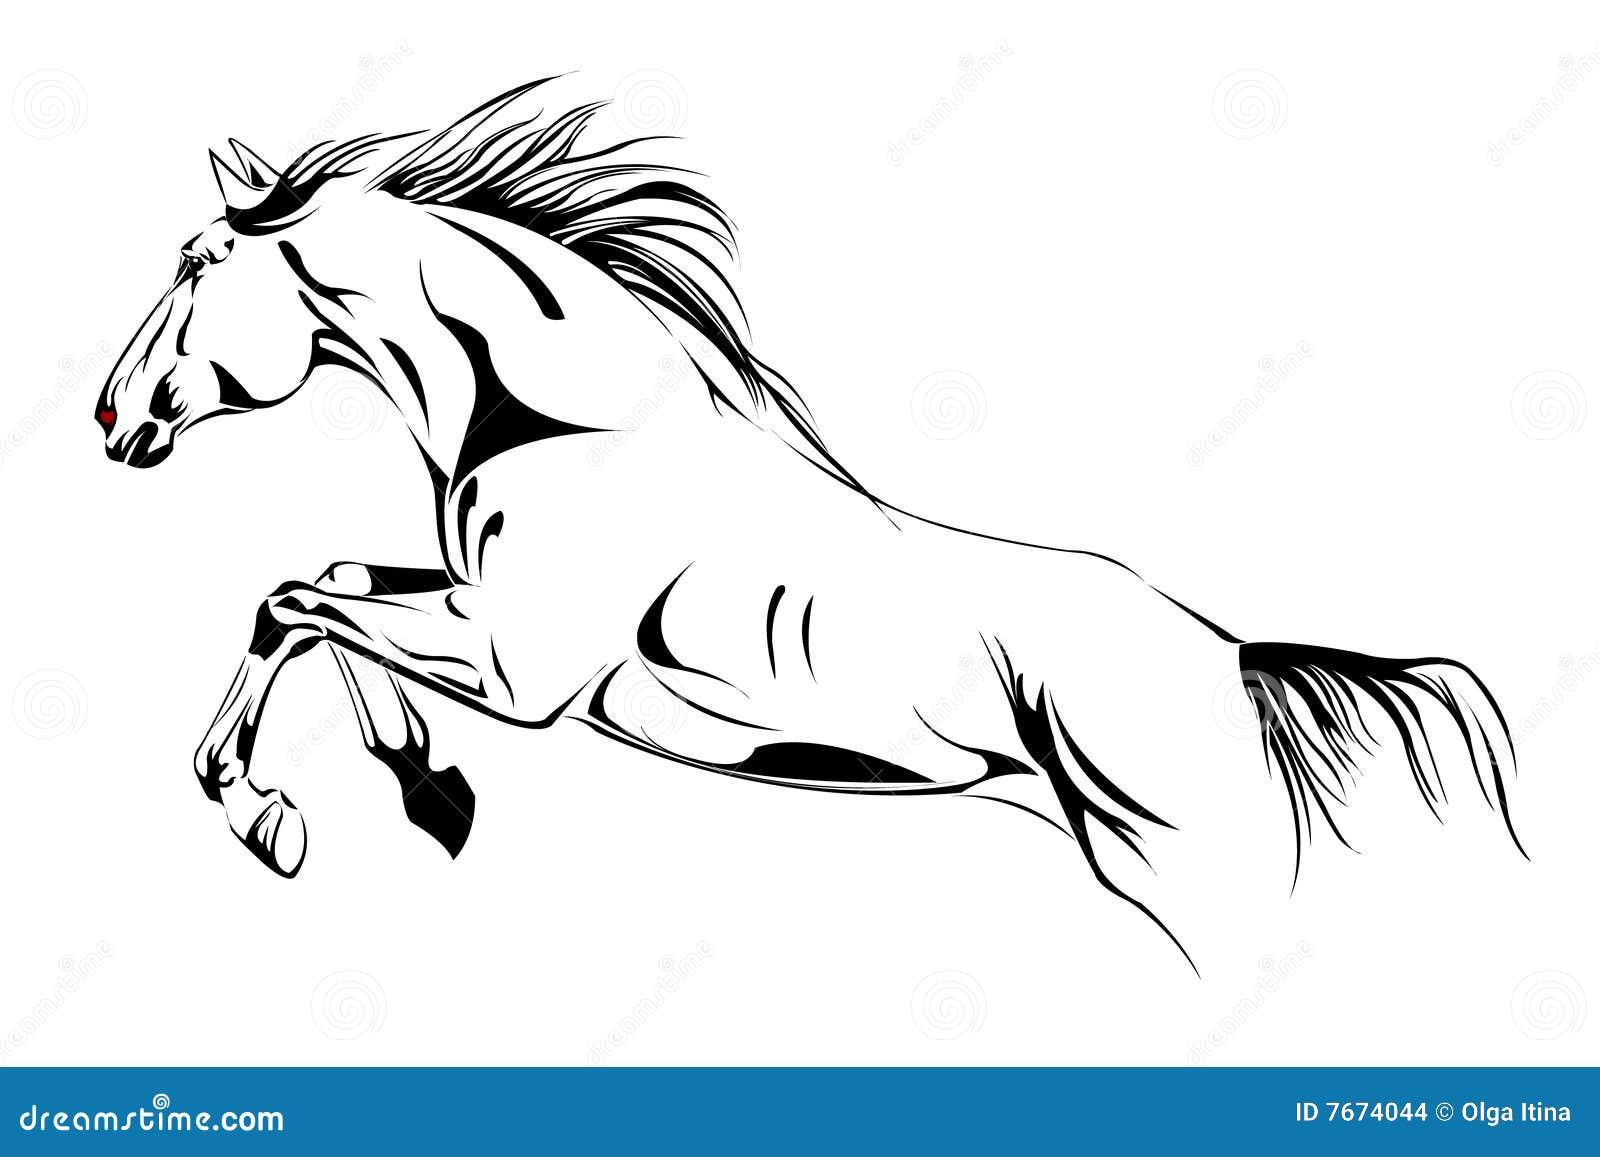 Il cavallo salta l 39 illustrazione di vettore immagini stock for Immagini cavalli stilizzati